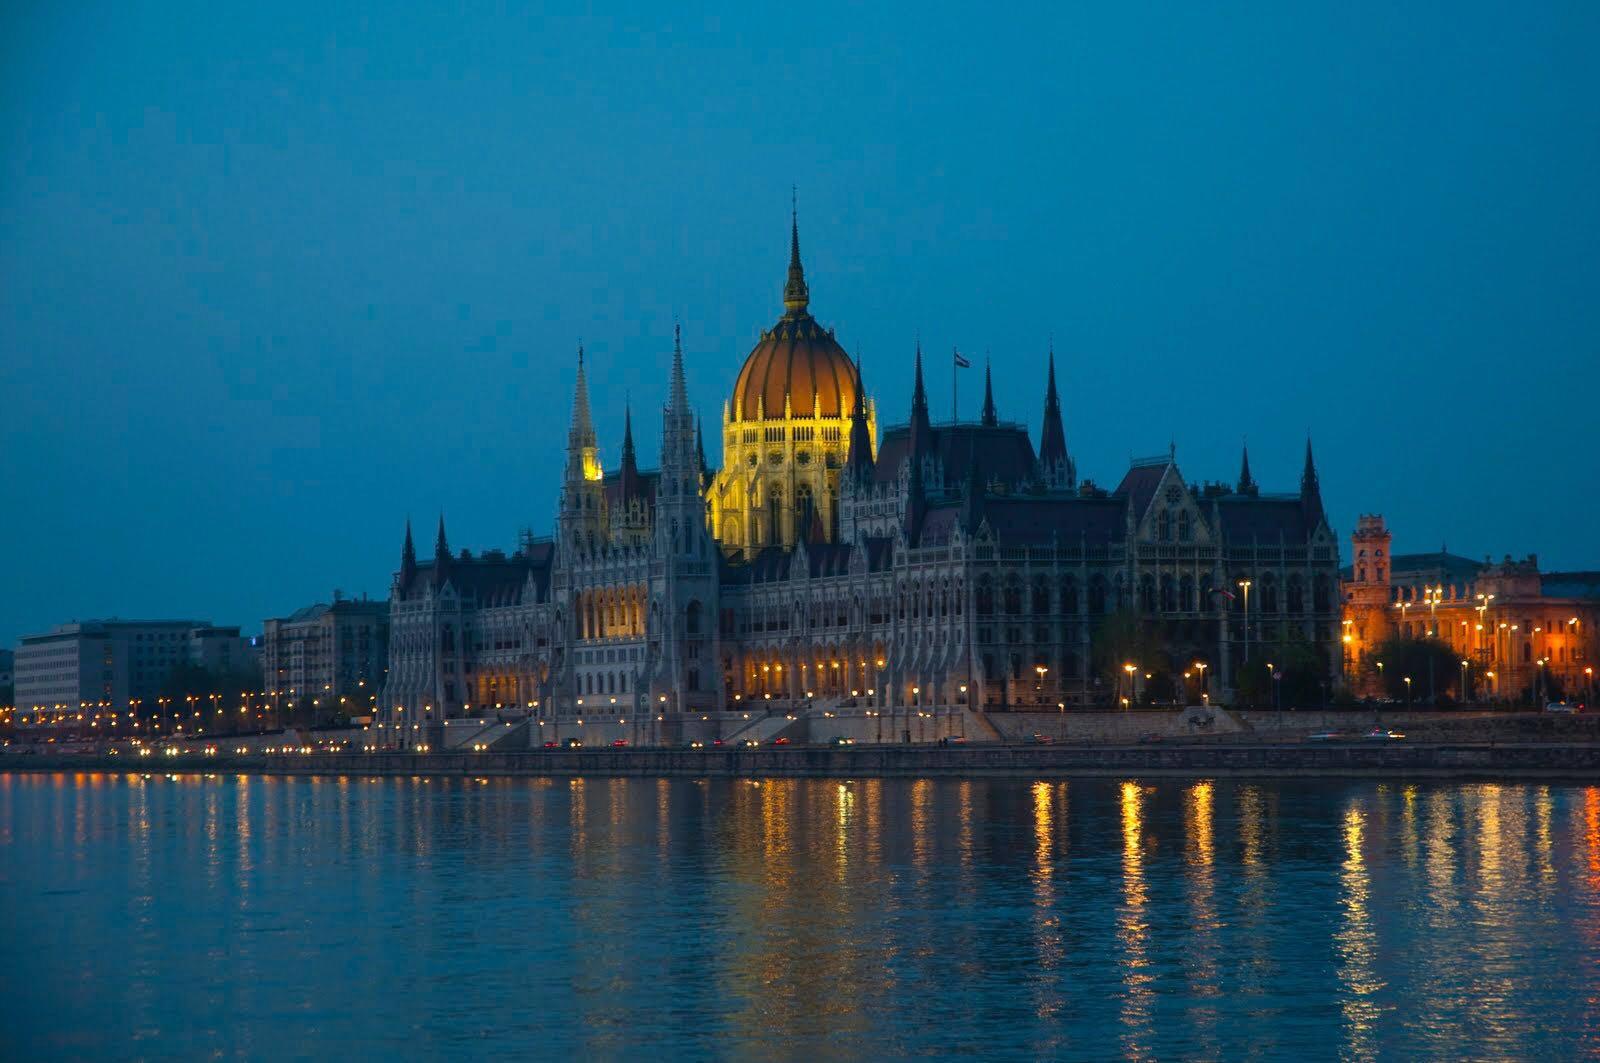 匈牙利国会大厦(作者摄)